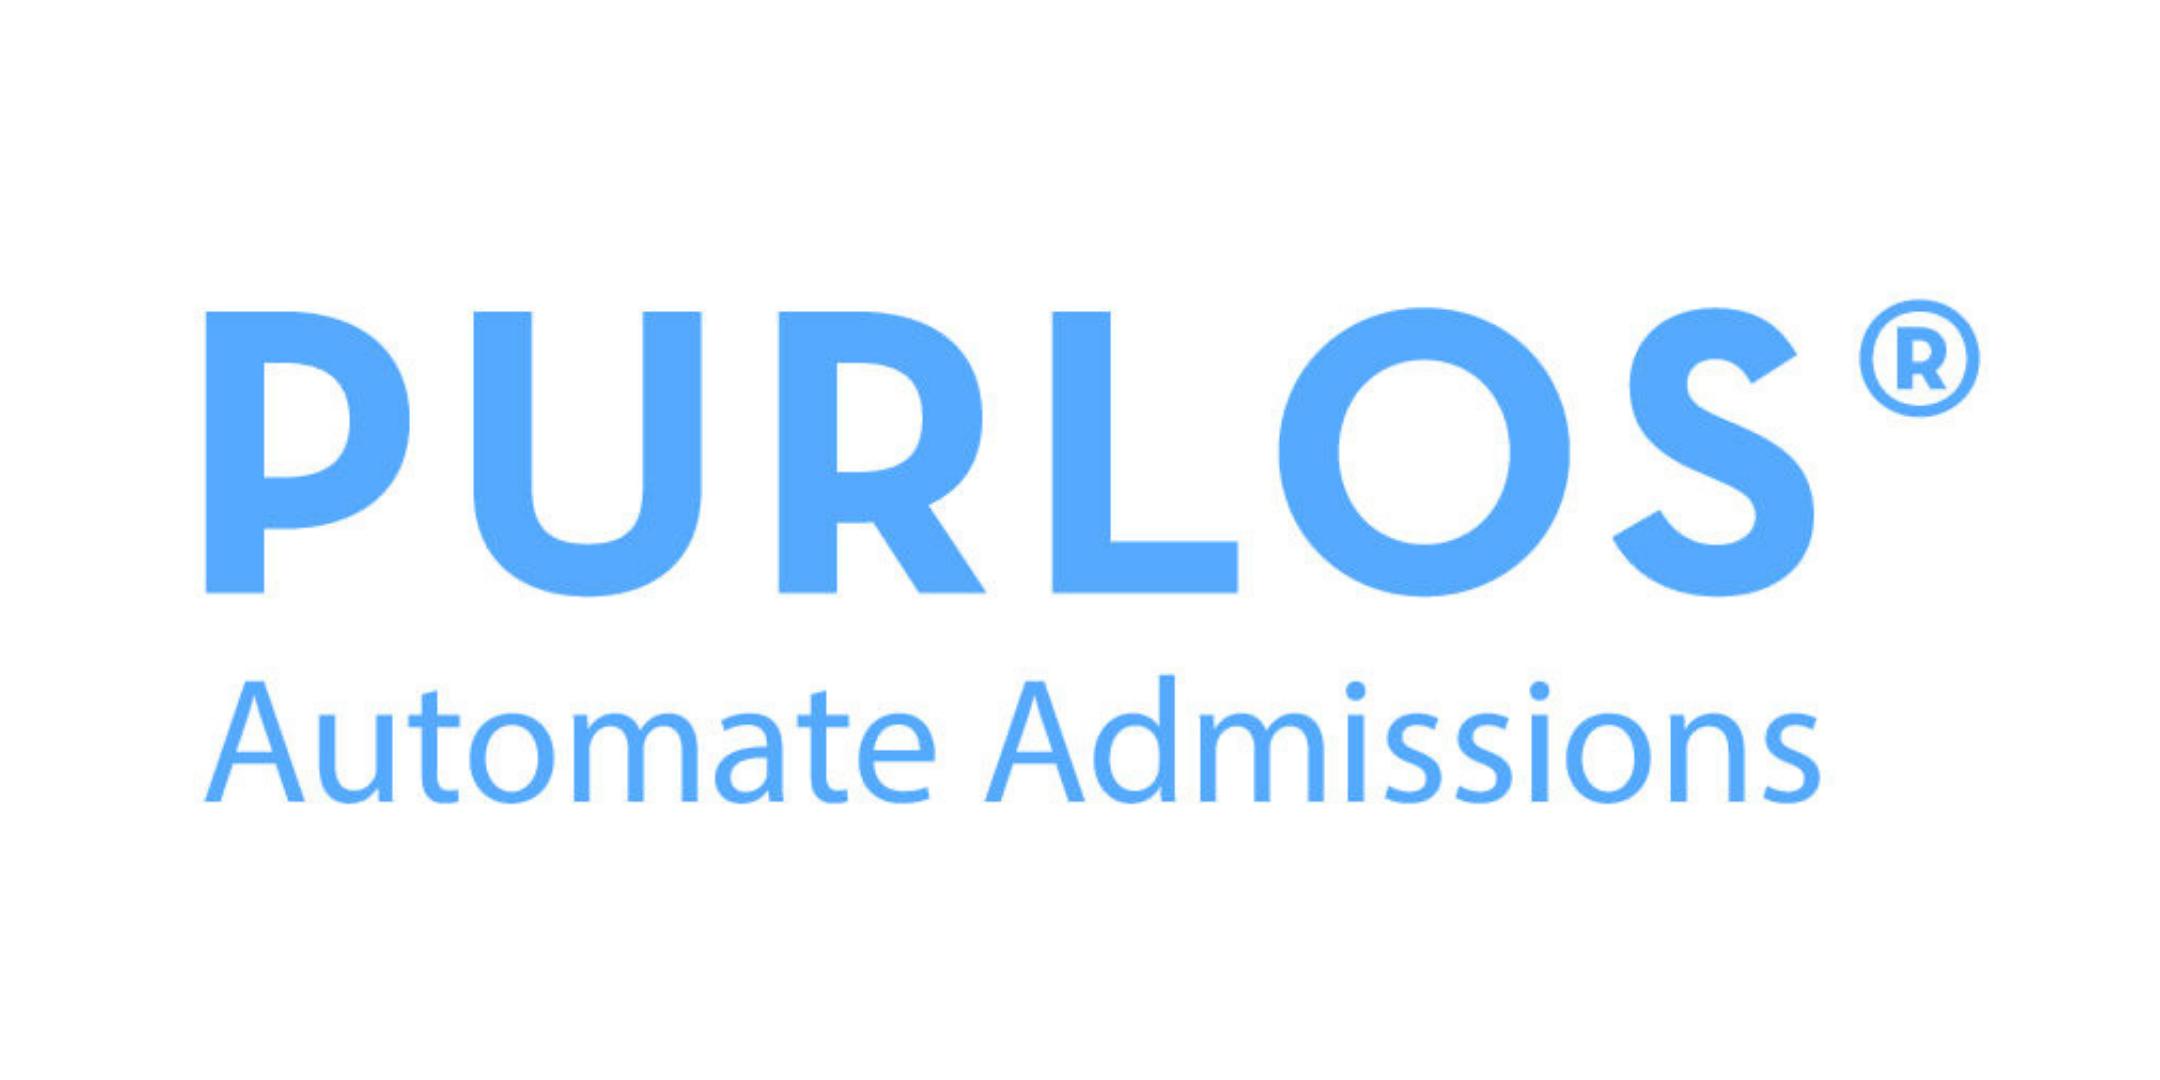 Purlos company logo